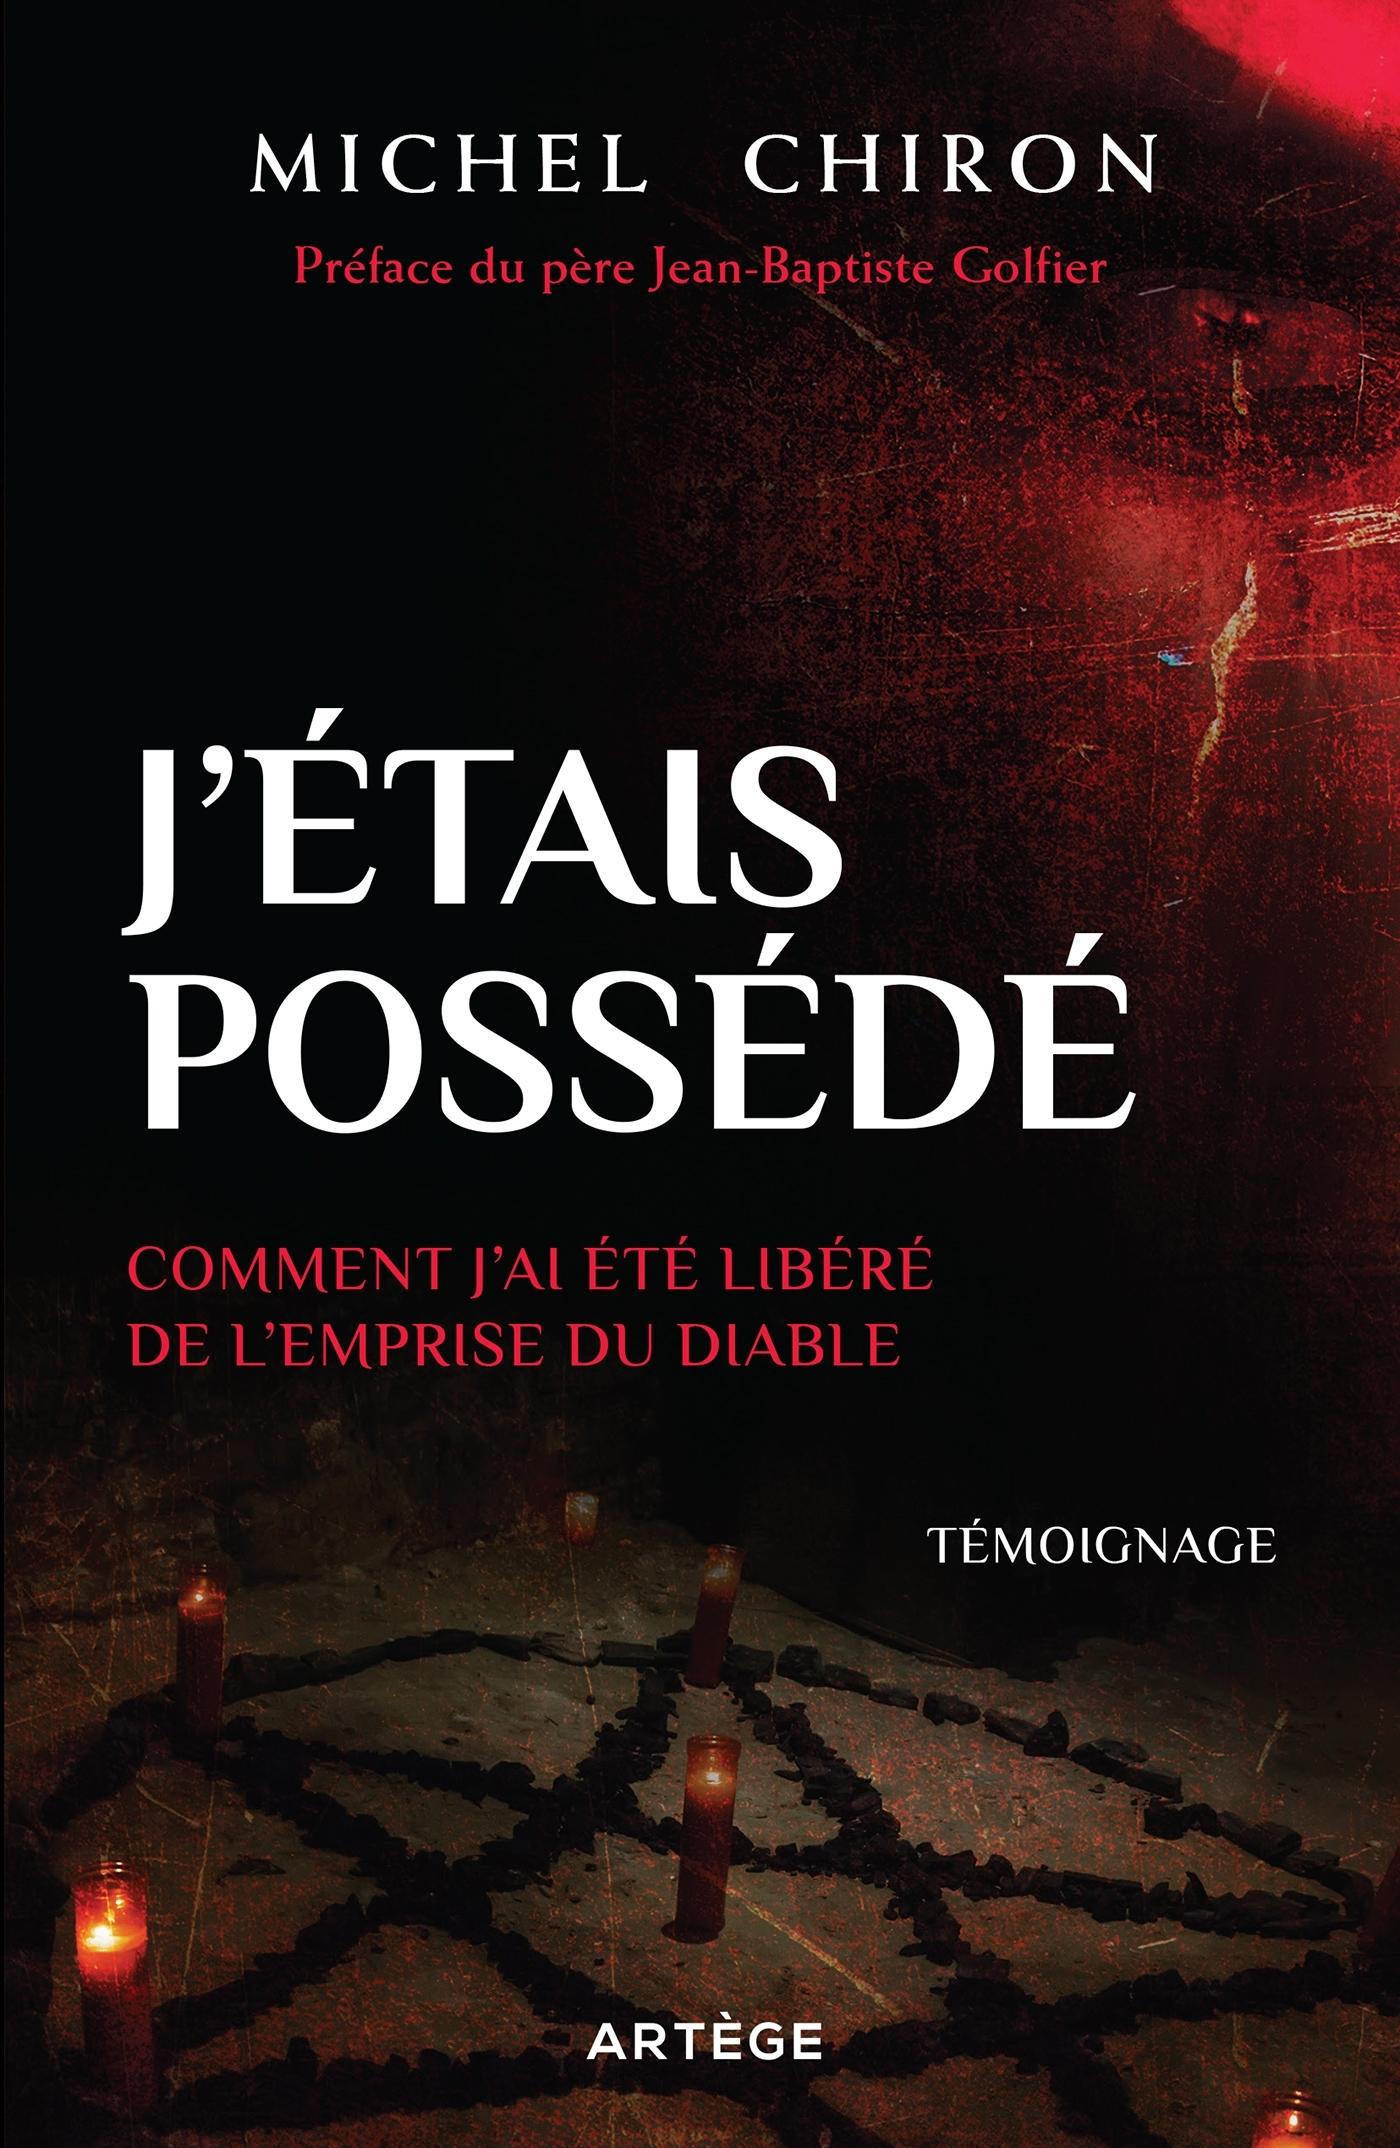 J'ETAIS POSSEDE - COMMENT J'AI ETE LIBERE DE L'EMPRISE DU DIABLE